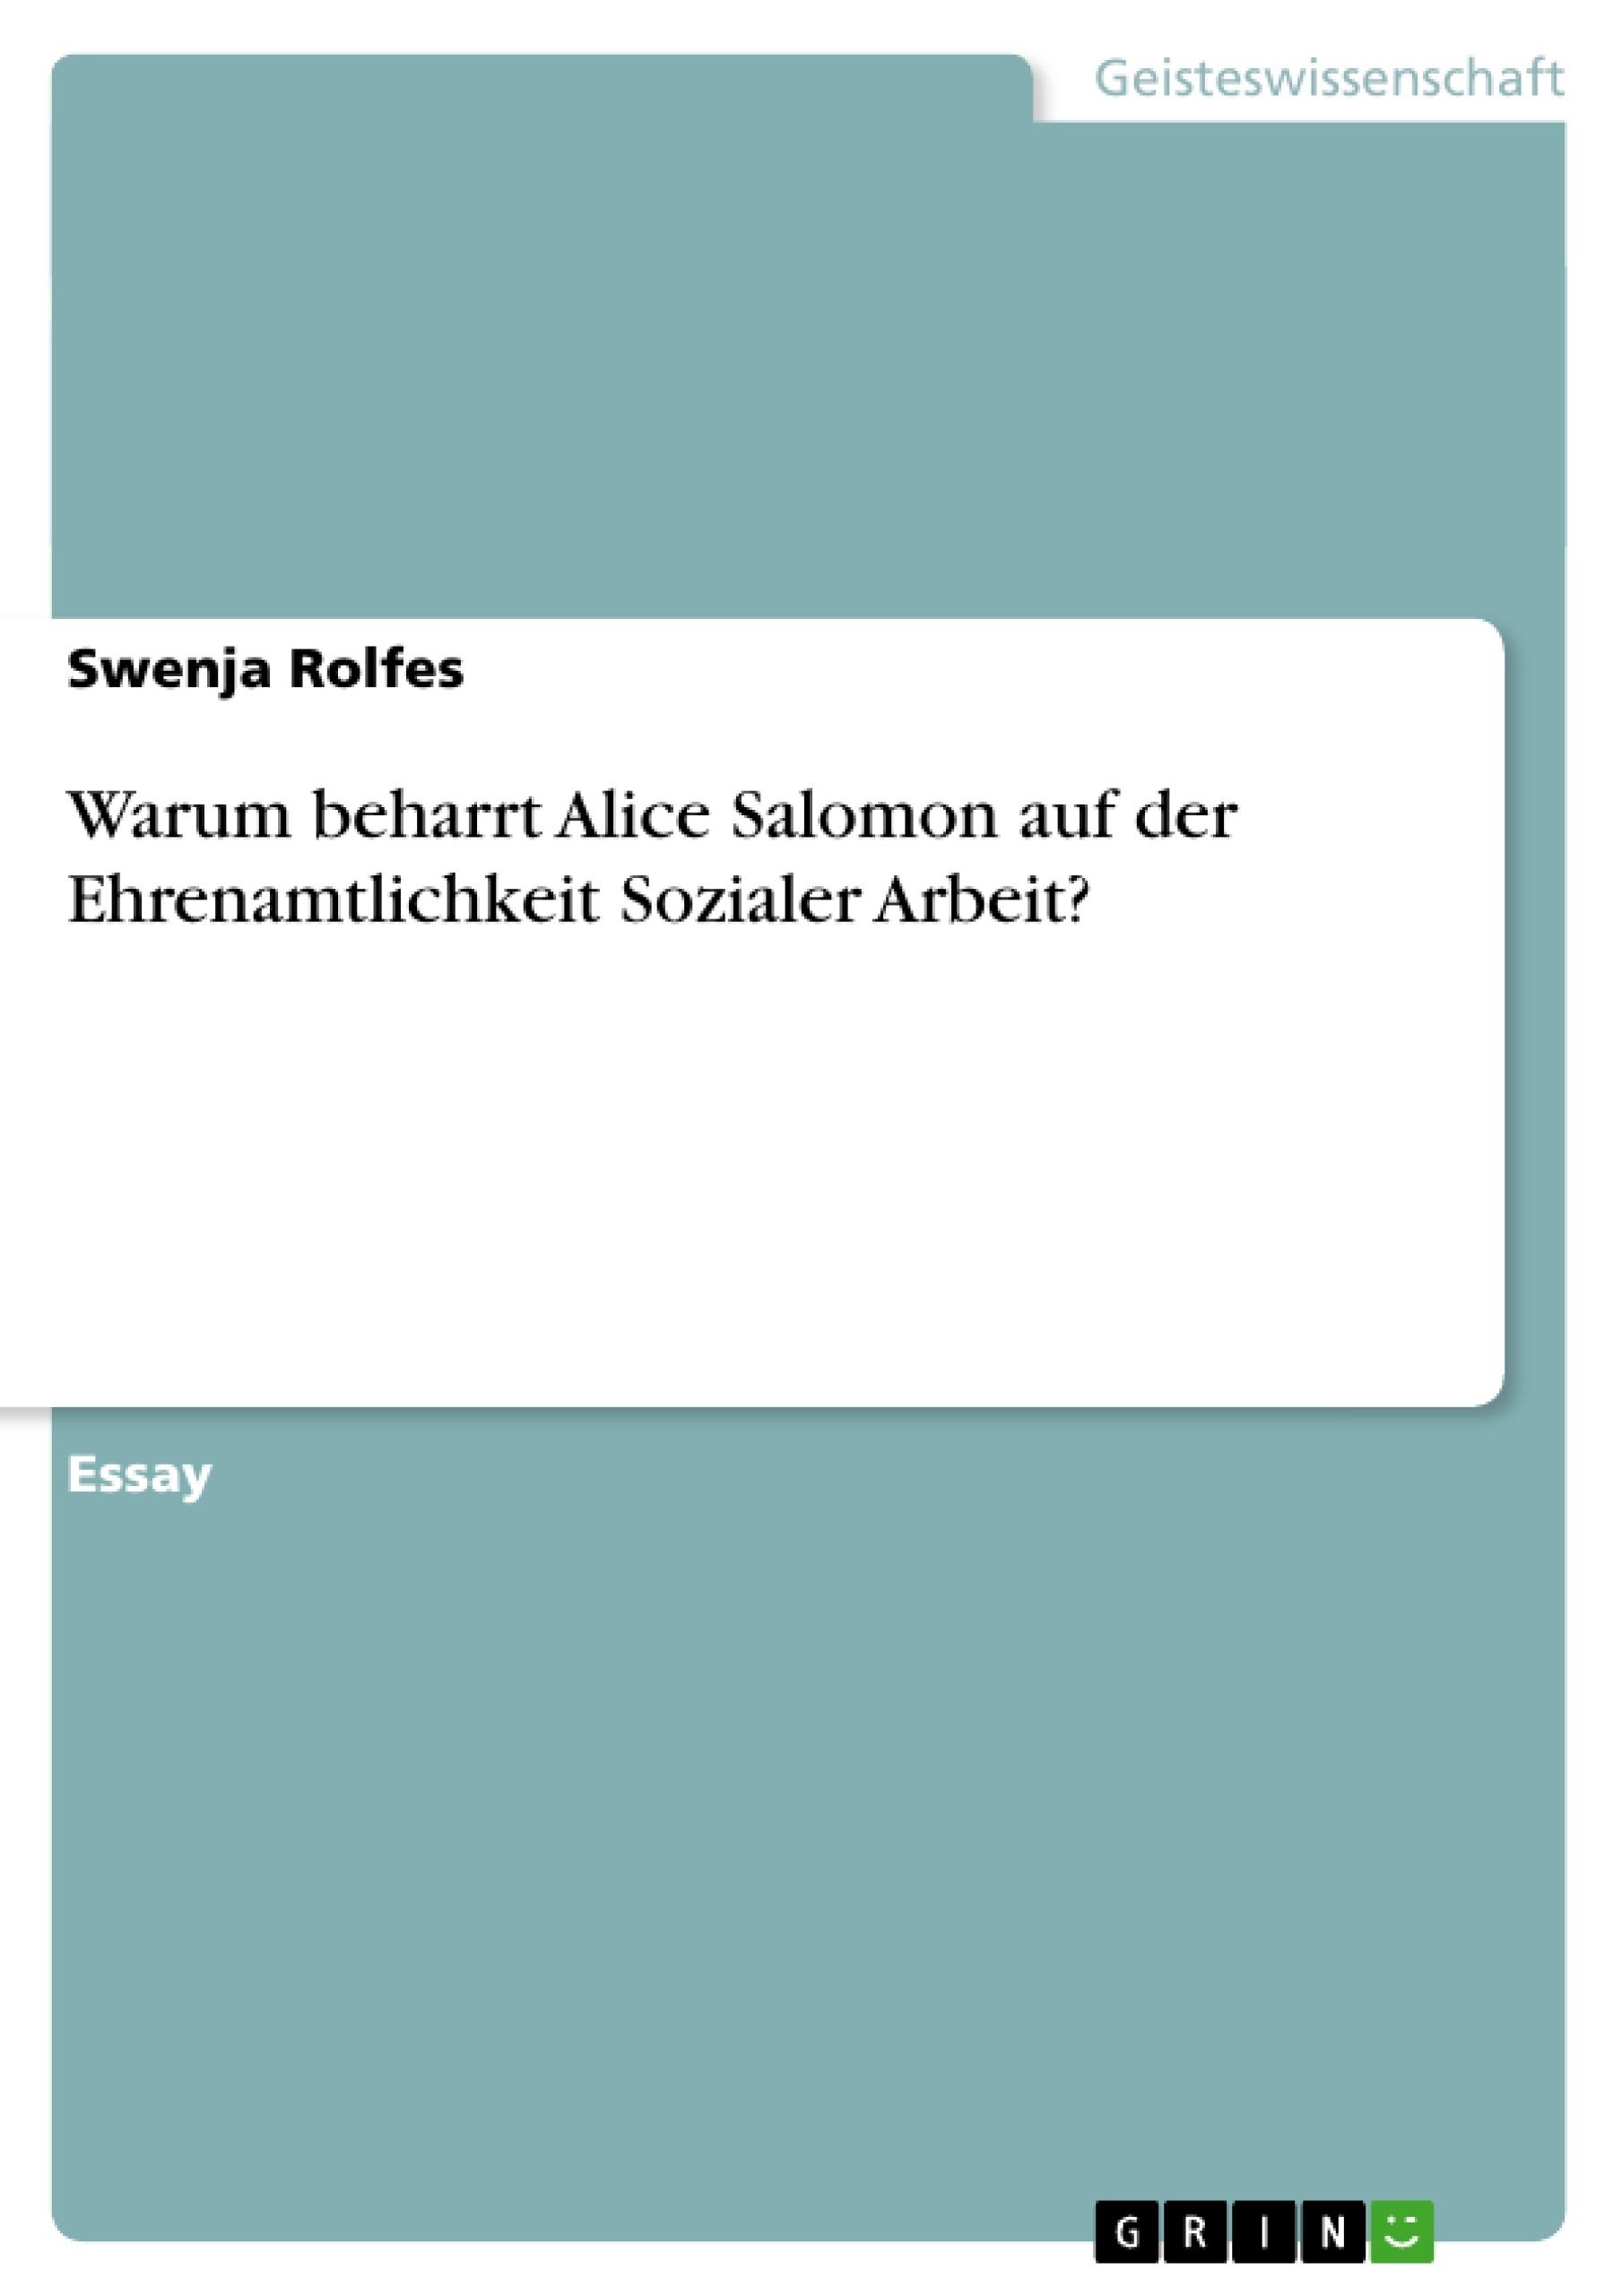 Titel: Warum beharrt Alice Salomon auf der Ehrenamtlichkeit Sozialer Arbeit?